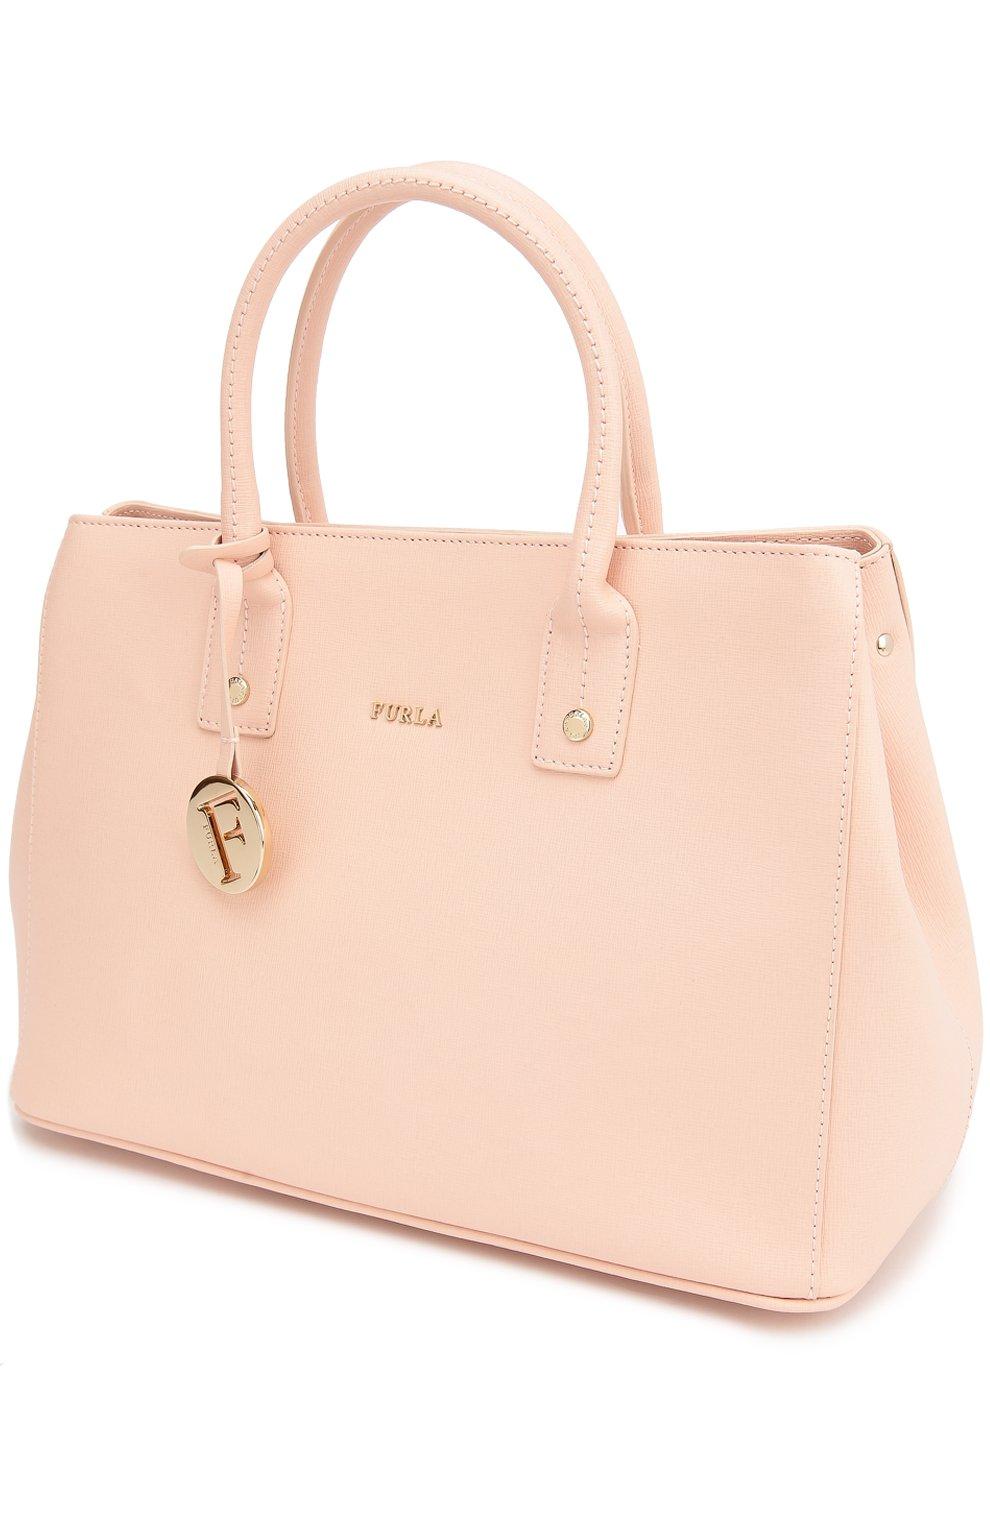 a433b81aa47d Женская сумка linda из сафьяновой кожи FURLA светло-розовая цвета ...